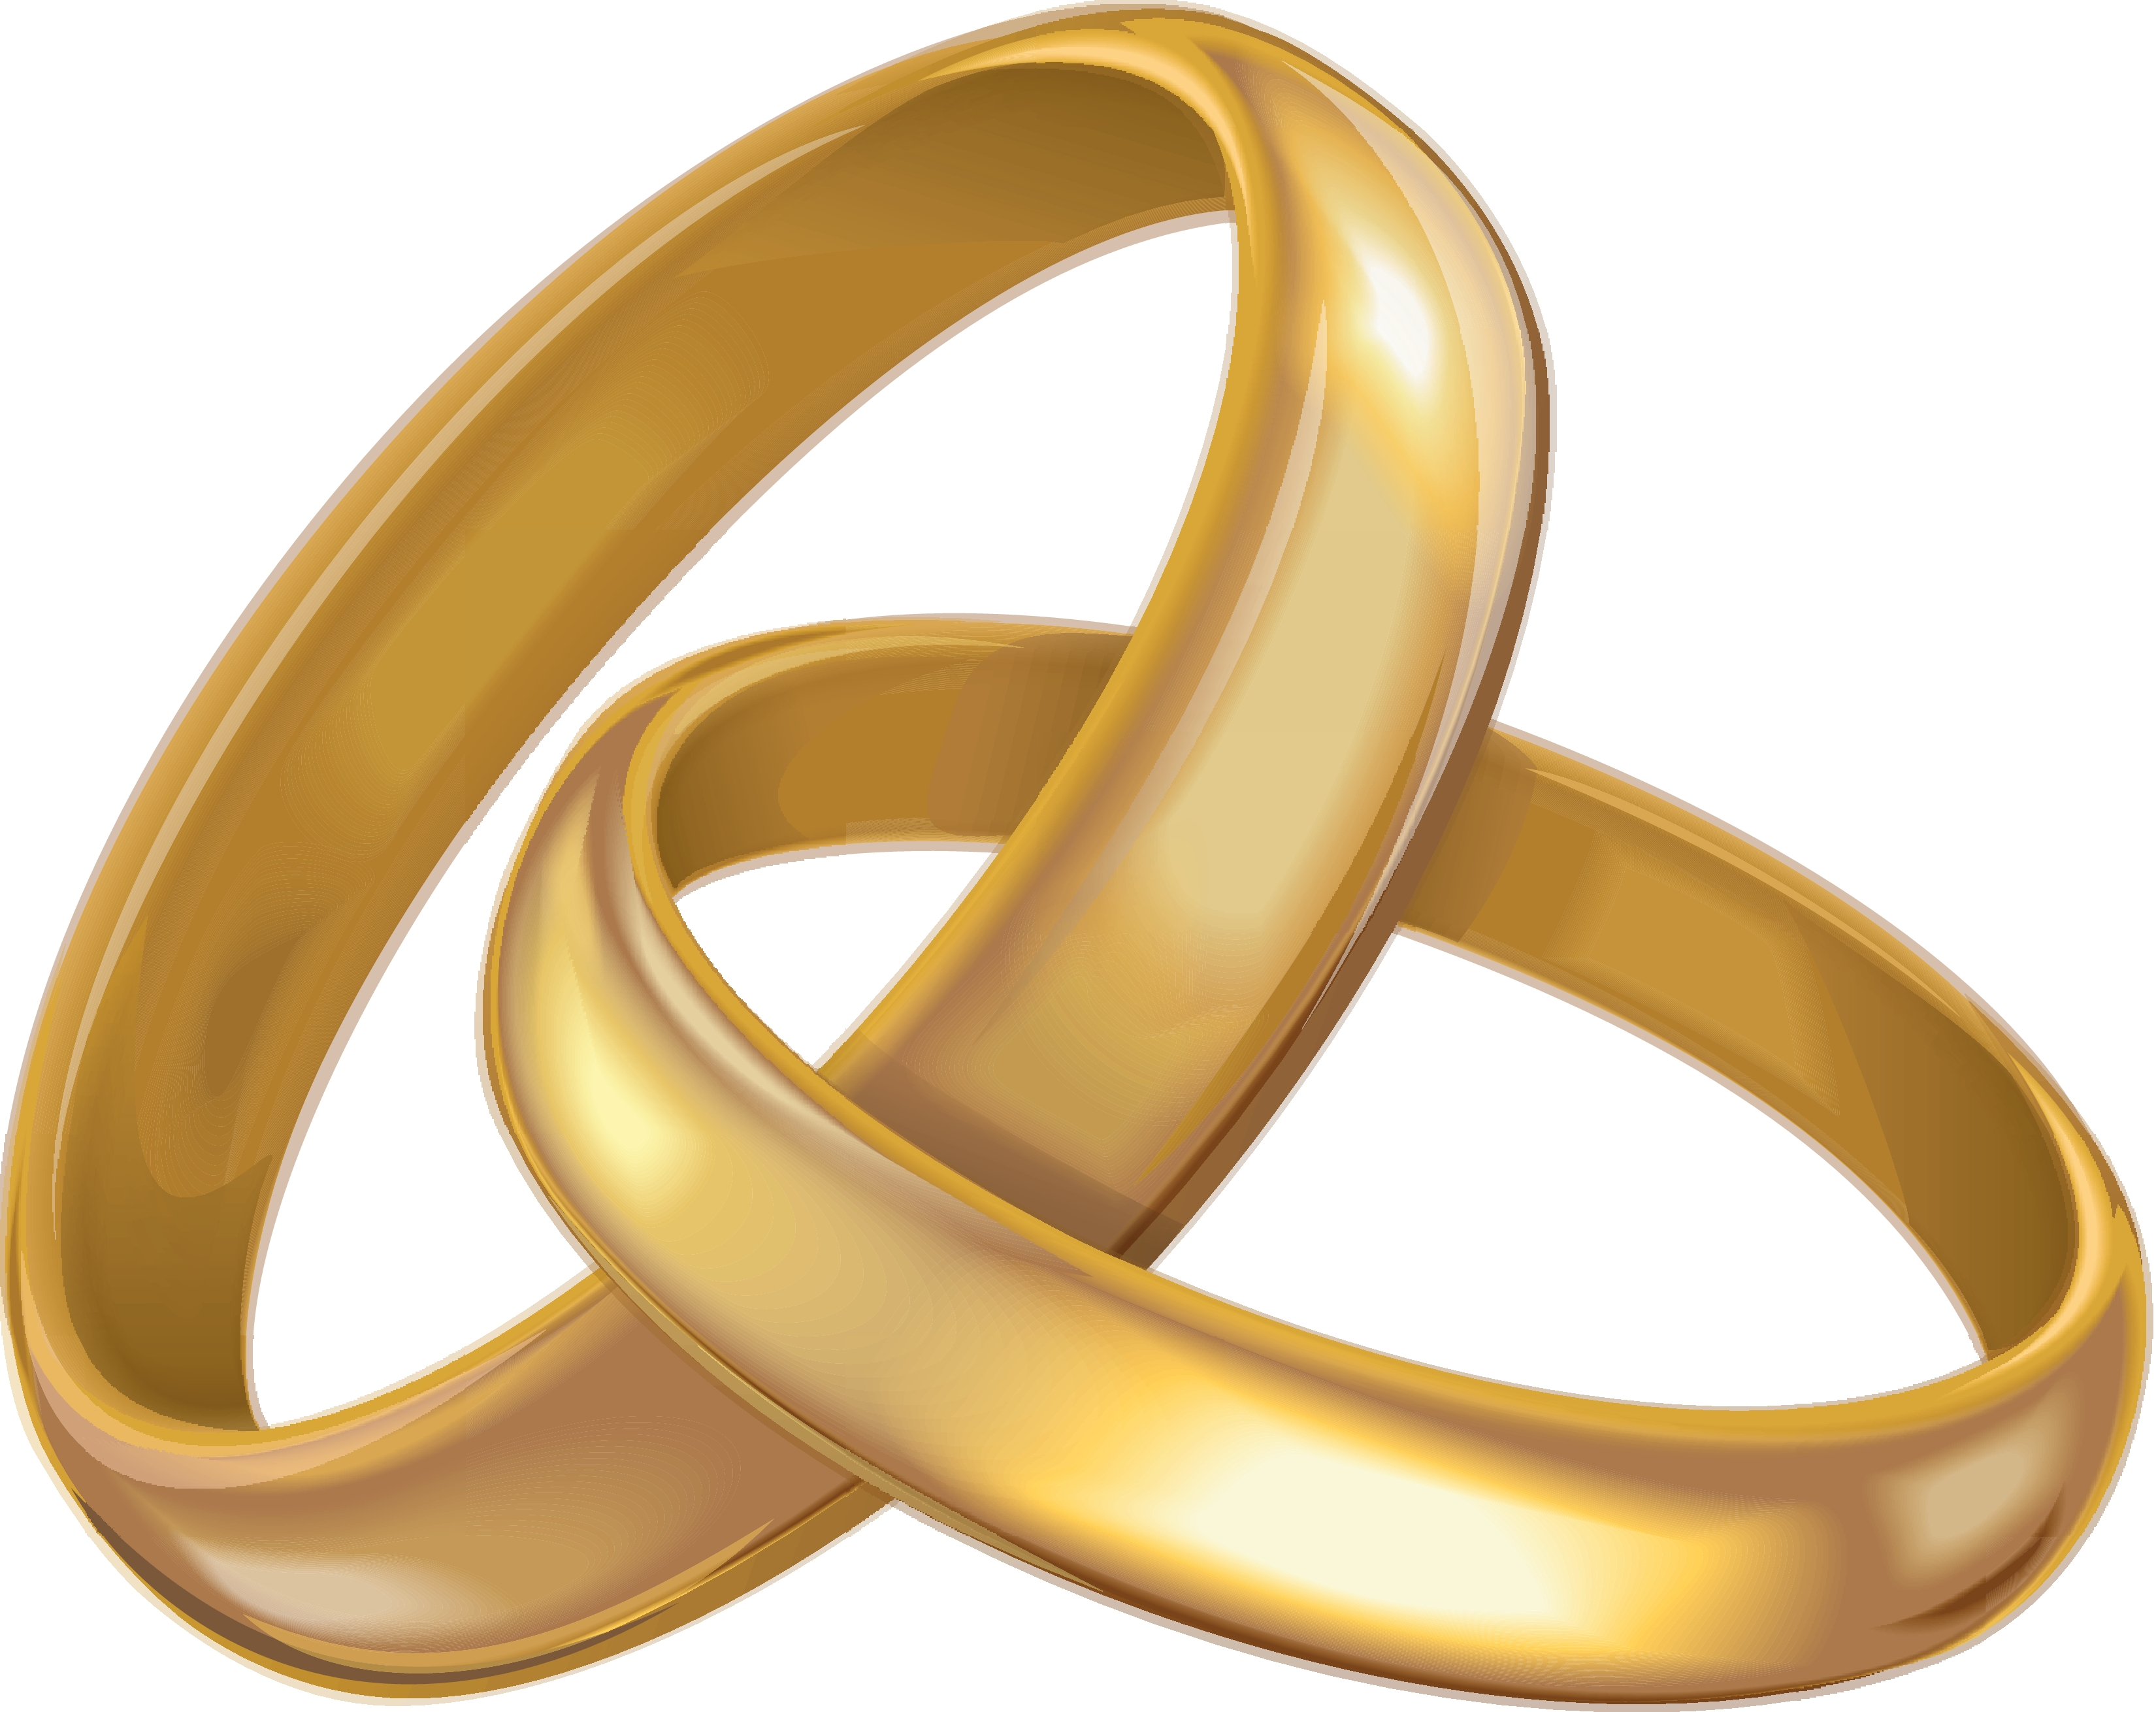 Wedding ring clip art tumundografico 2